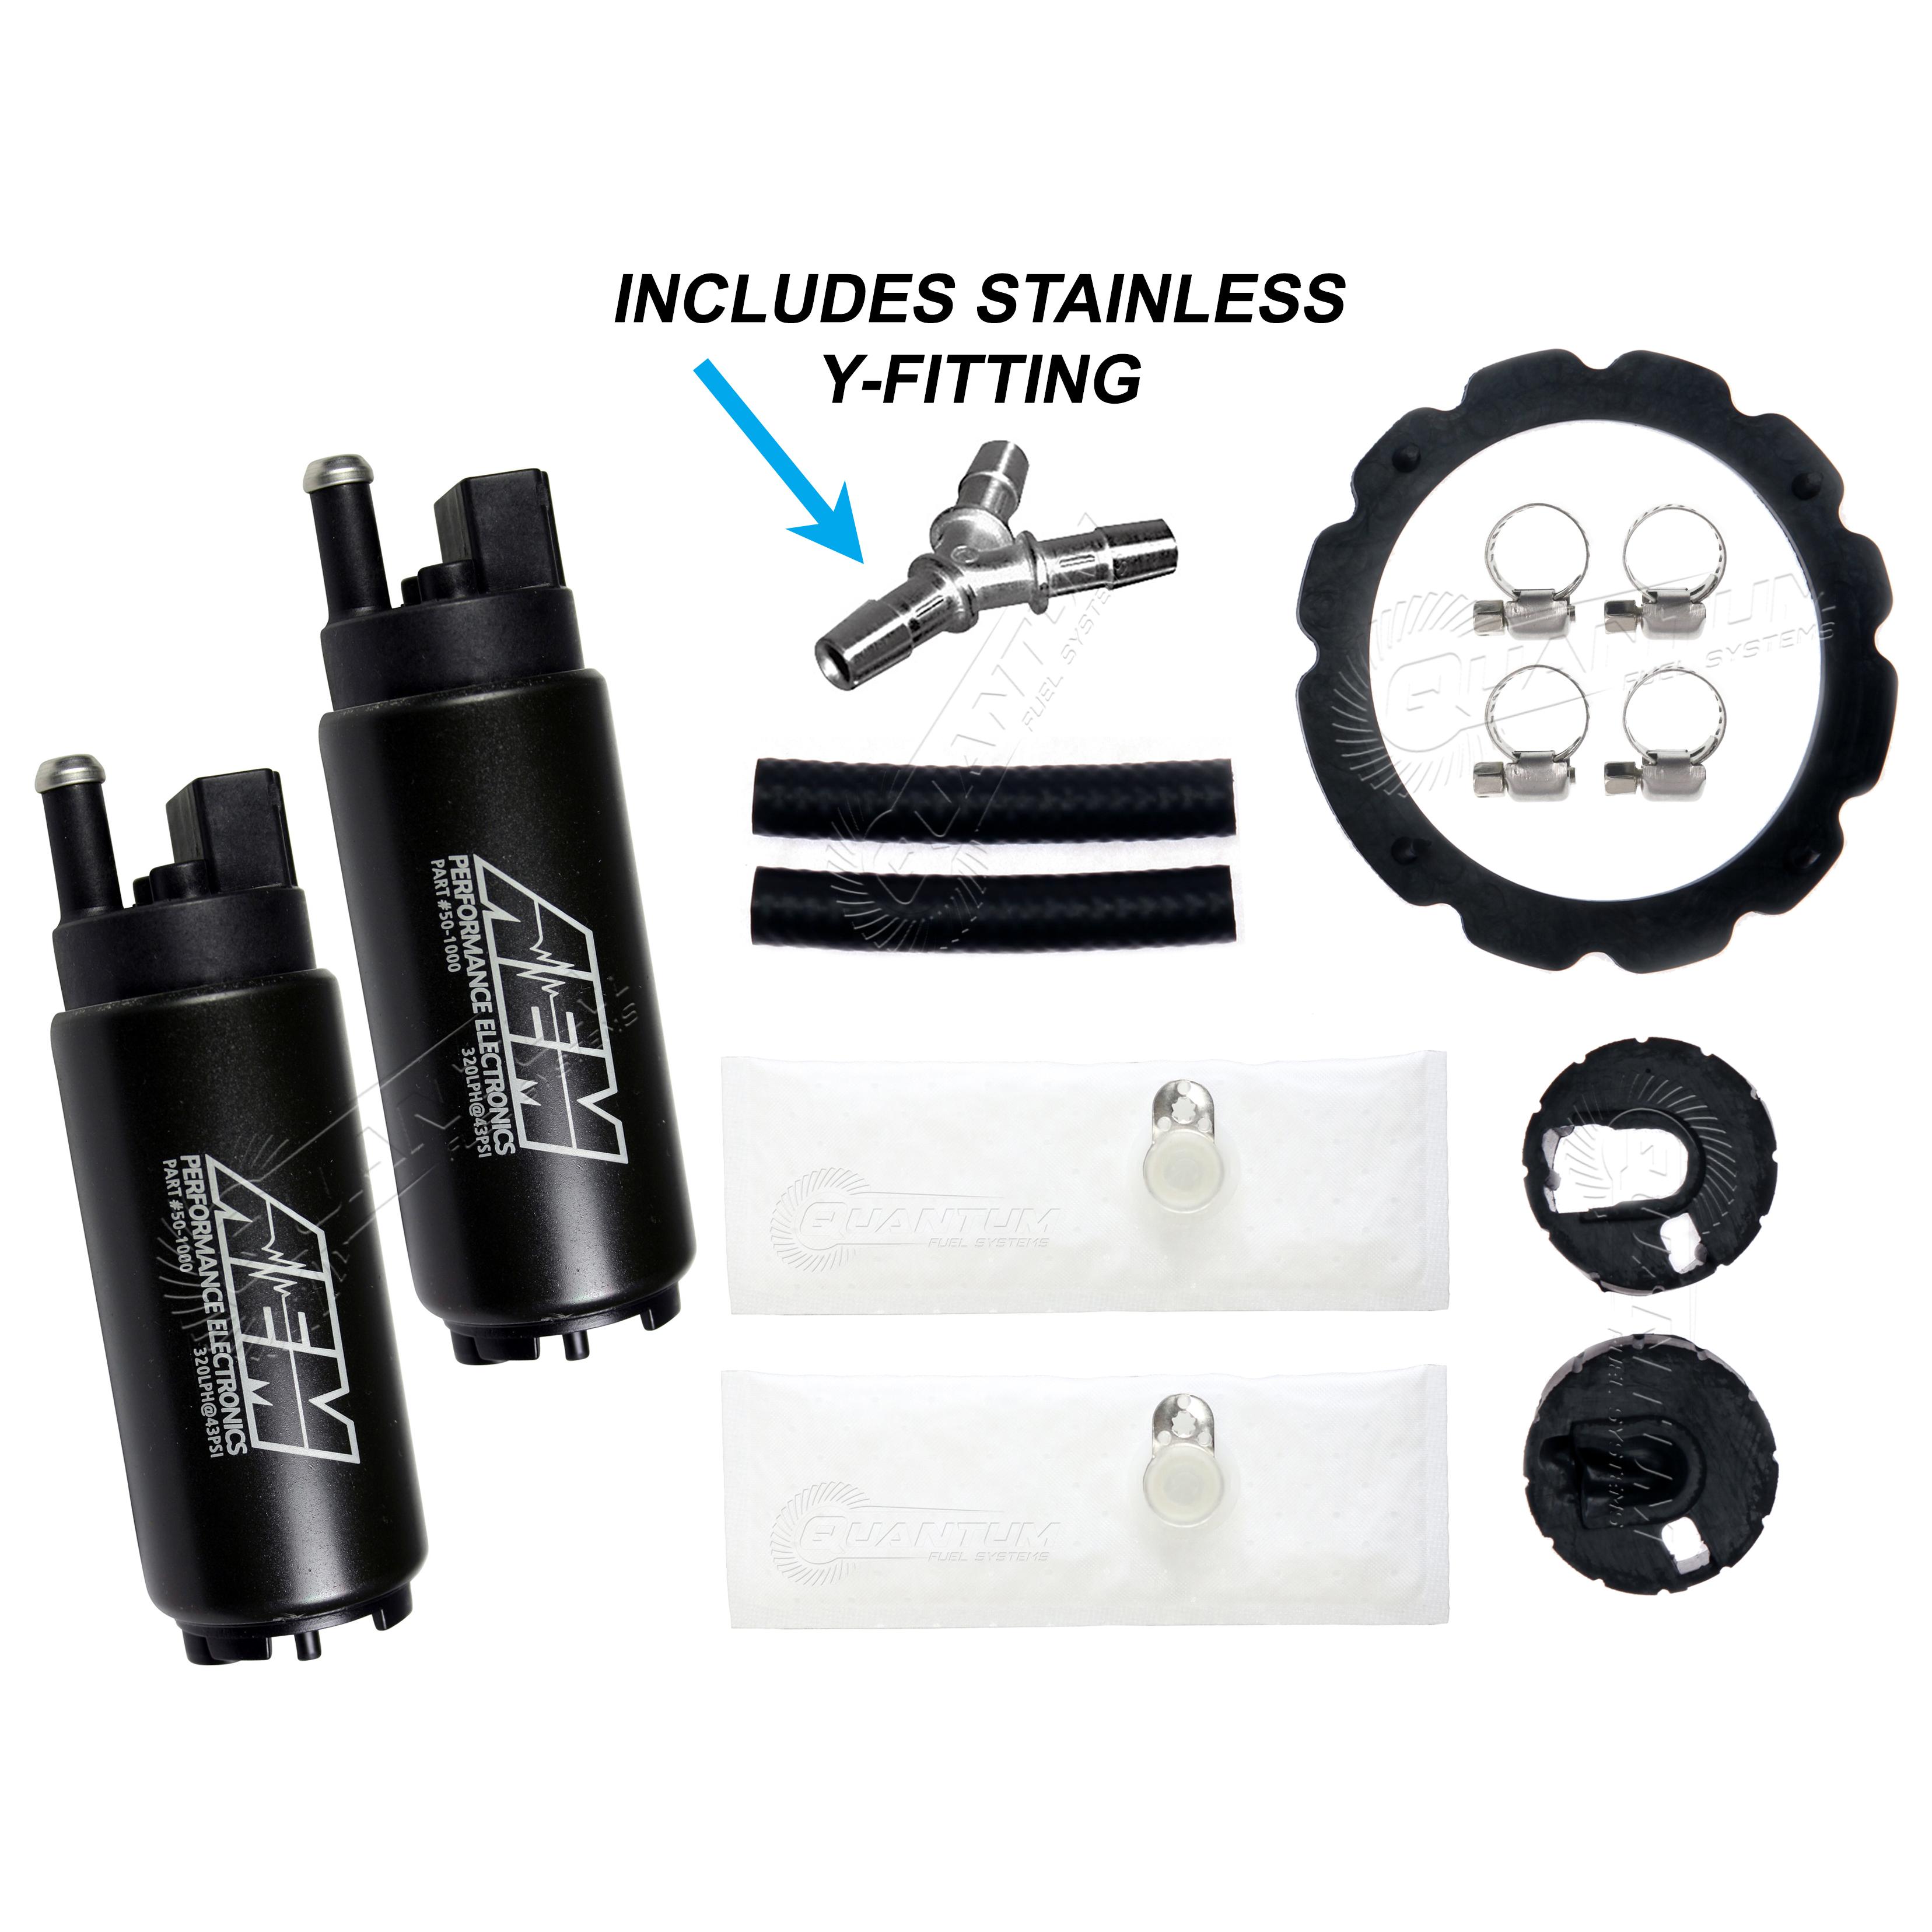 Filtre Kit 05-19 990 1190 Adventure Superduke KTM Efi Essence Pompe